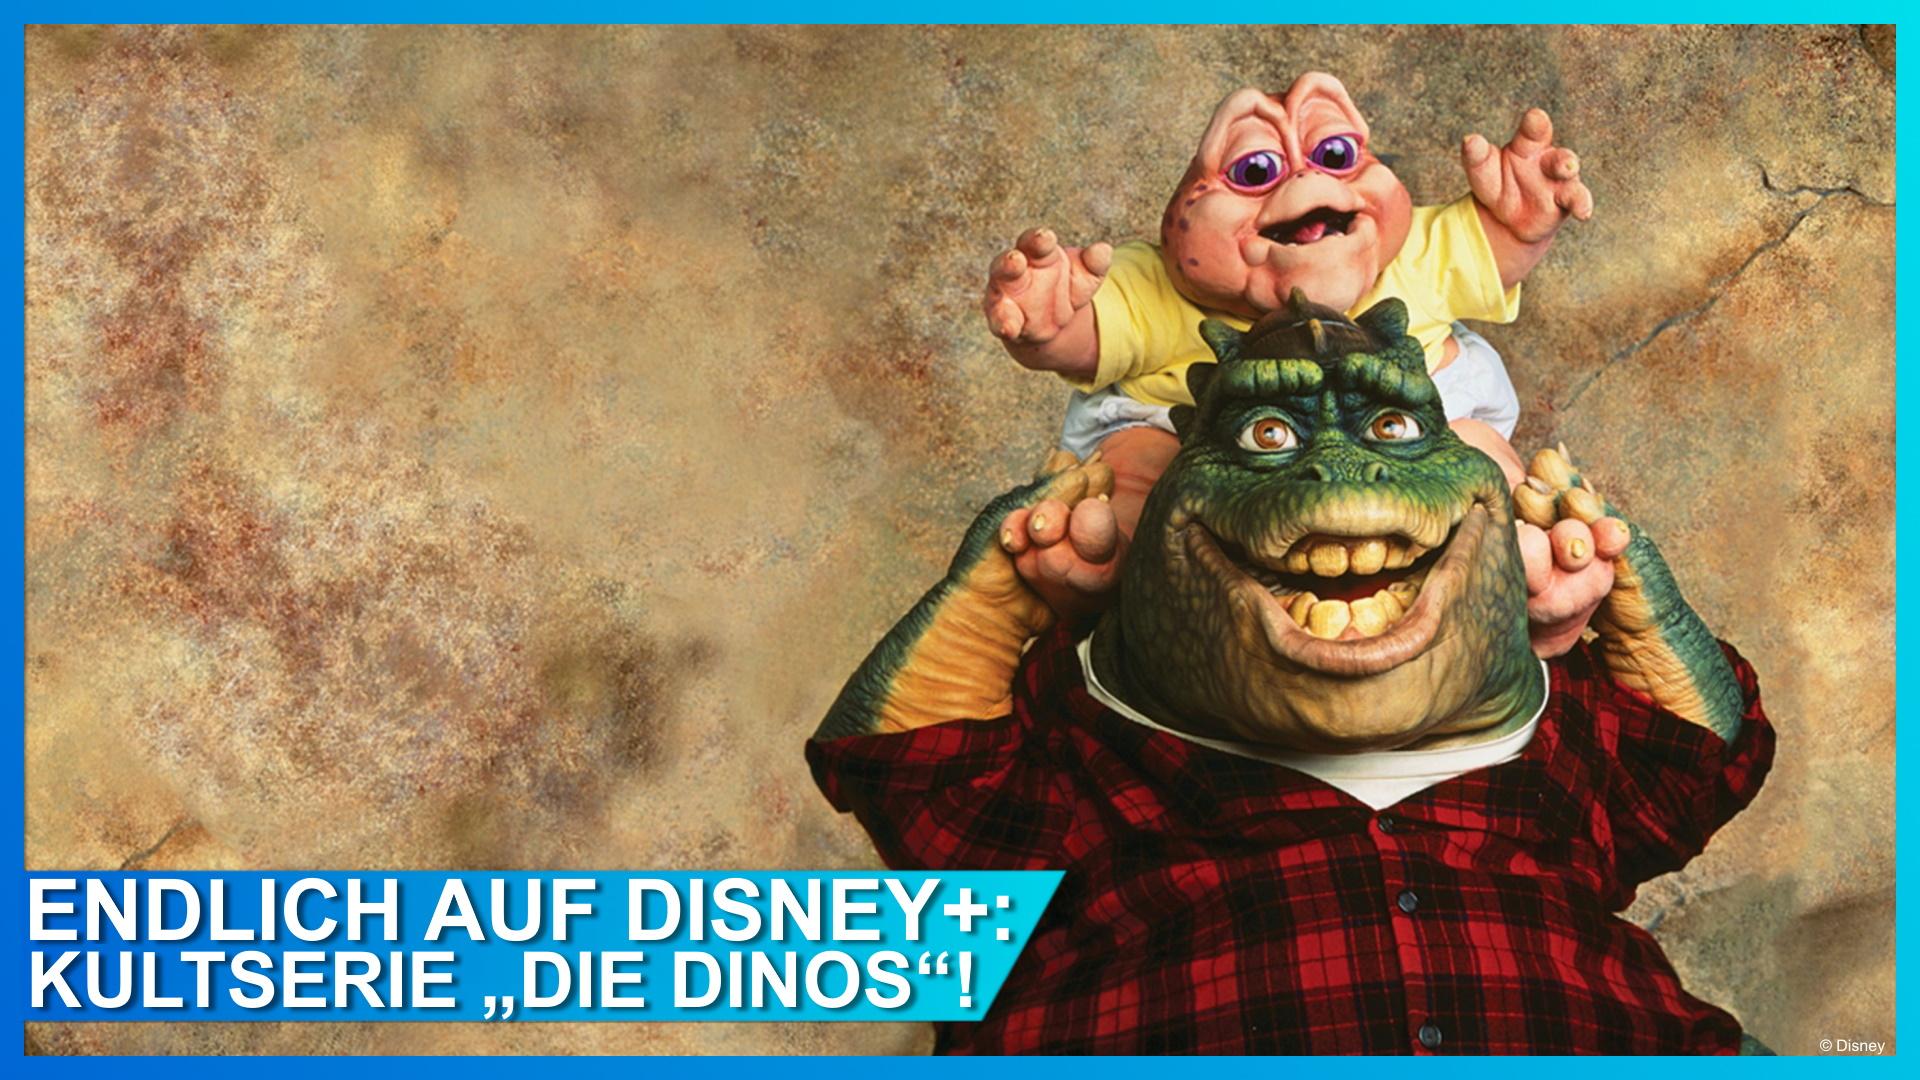 Ab sofort endlich auf Disney+: DIE DINOS!